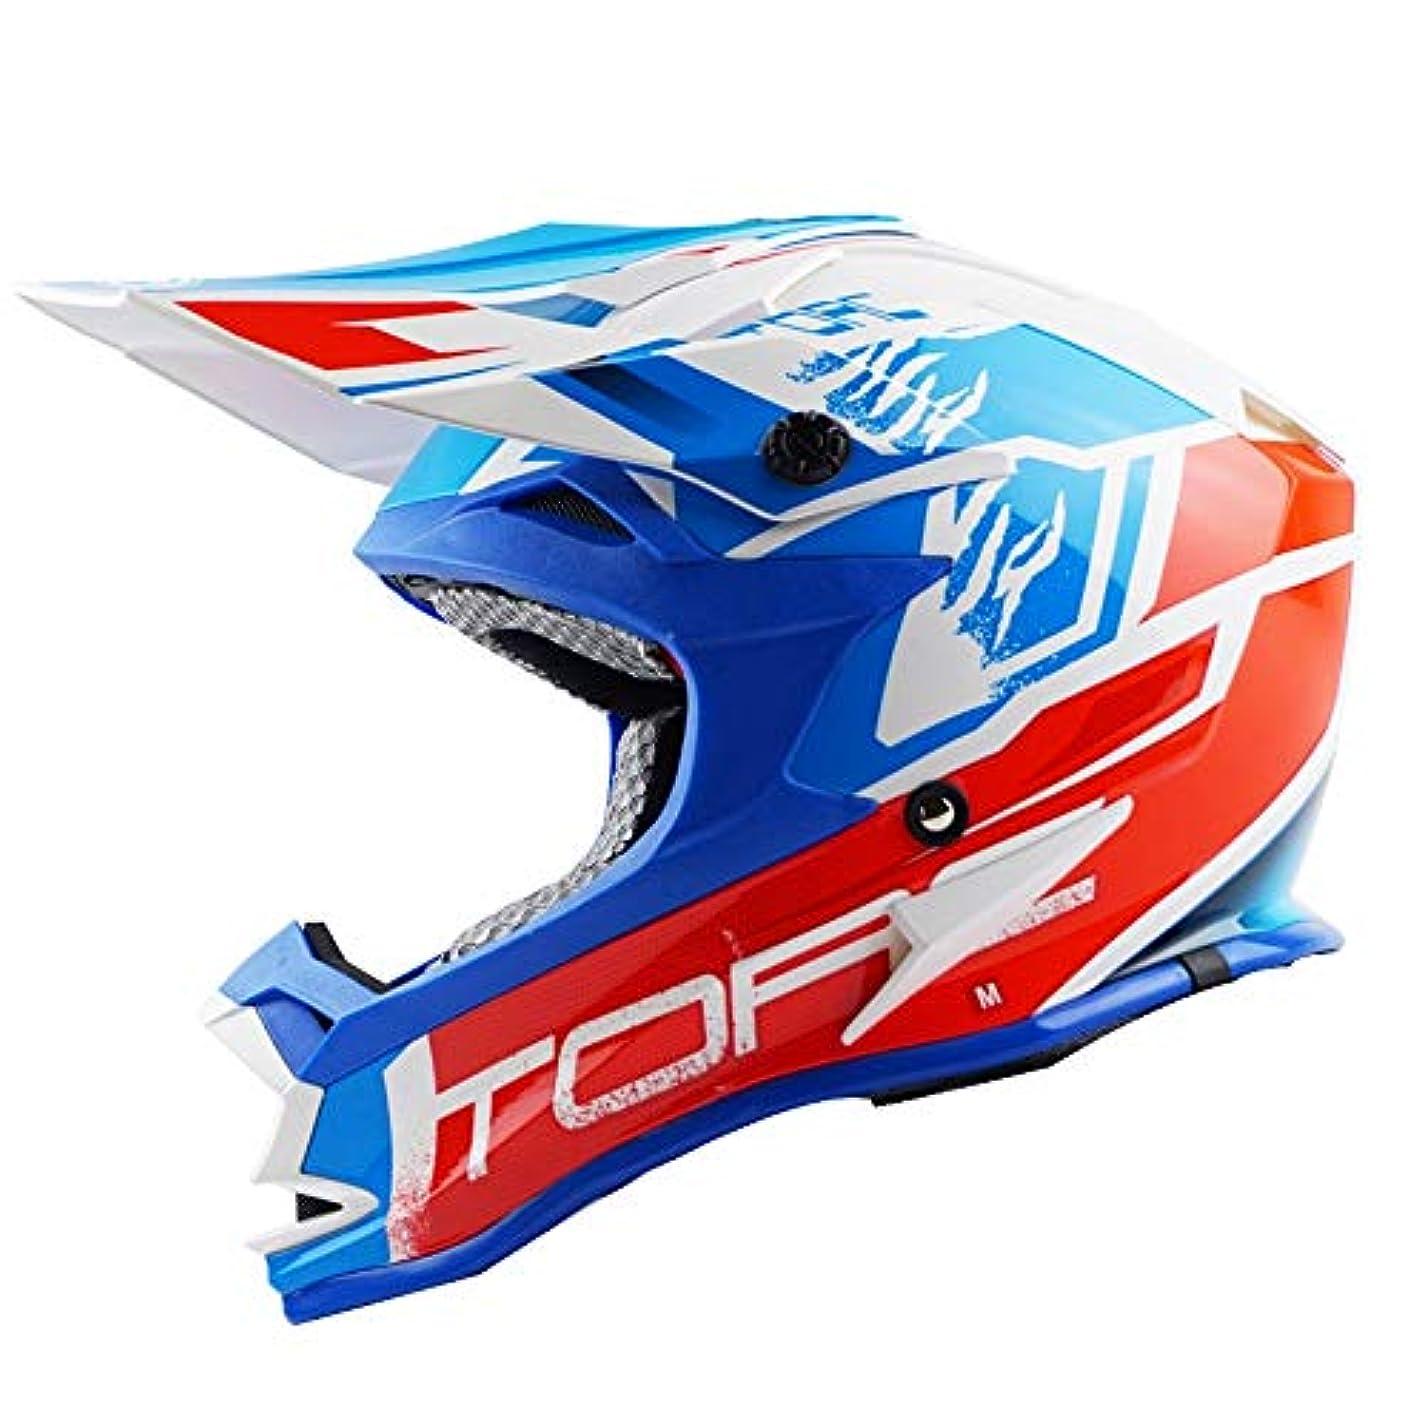 首尾一貫した打撃推論TOMSSL高品質 モトクロスヘルメットロードラリーヘルメットアウトドアレーシングヘルメットマウンテンバイクヘルメット青/赤 TOMSSL高品質